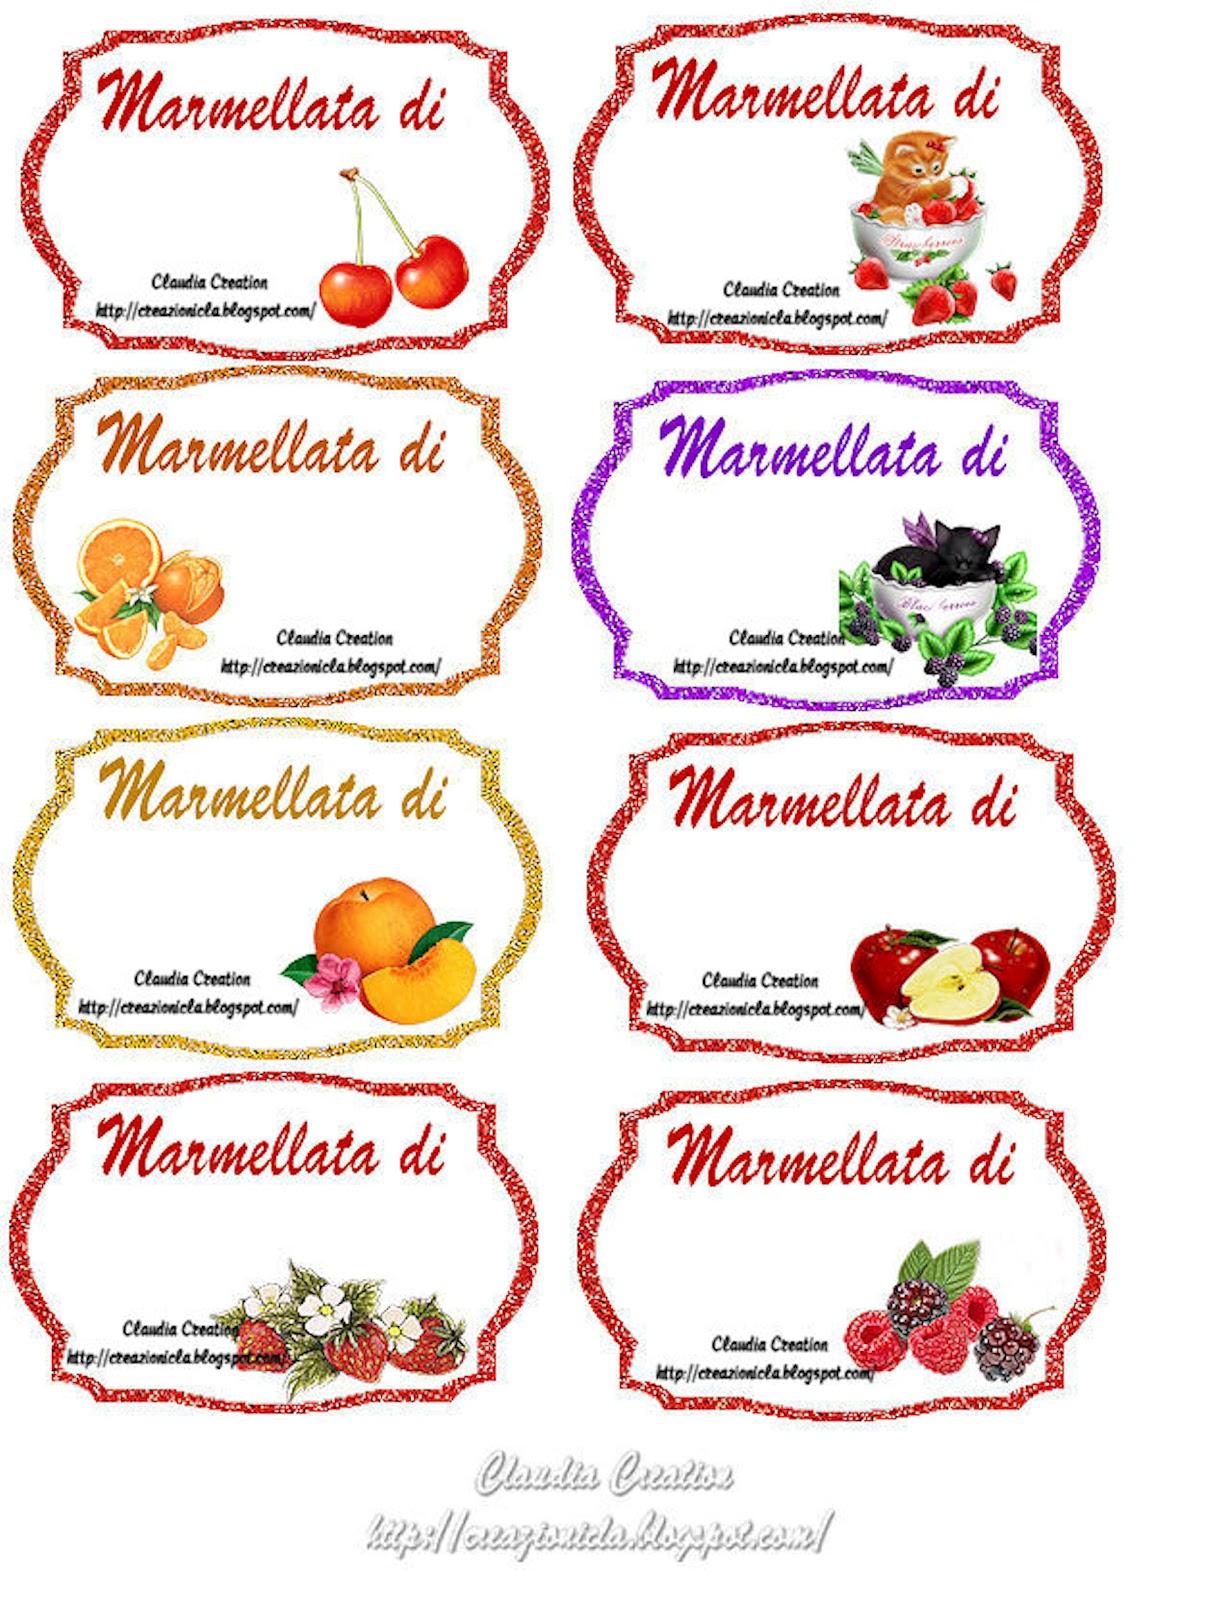 Creazioni cla etichette marmellata - Immagini di marmellata di animali a colori ...